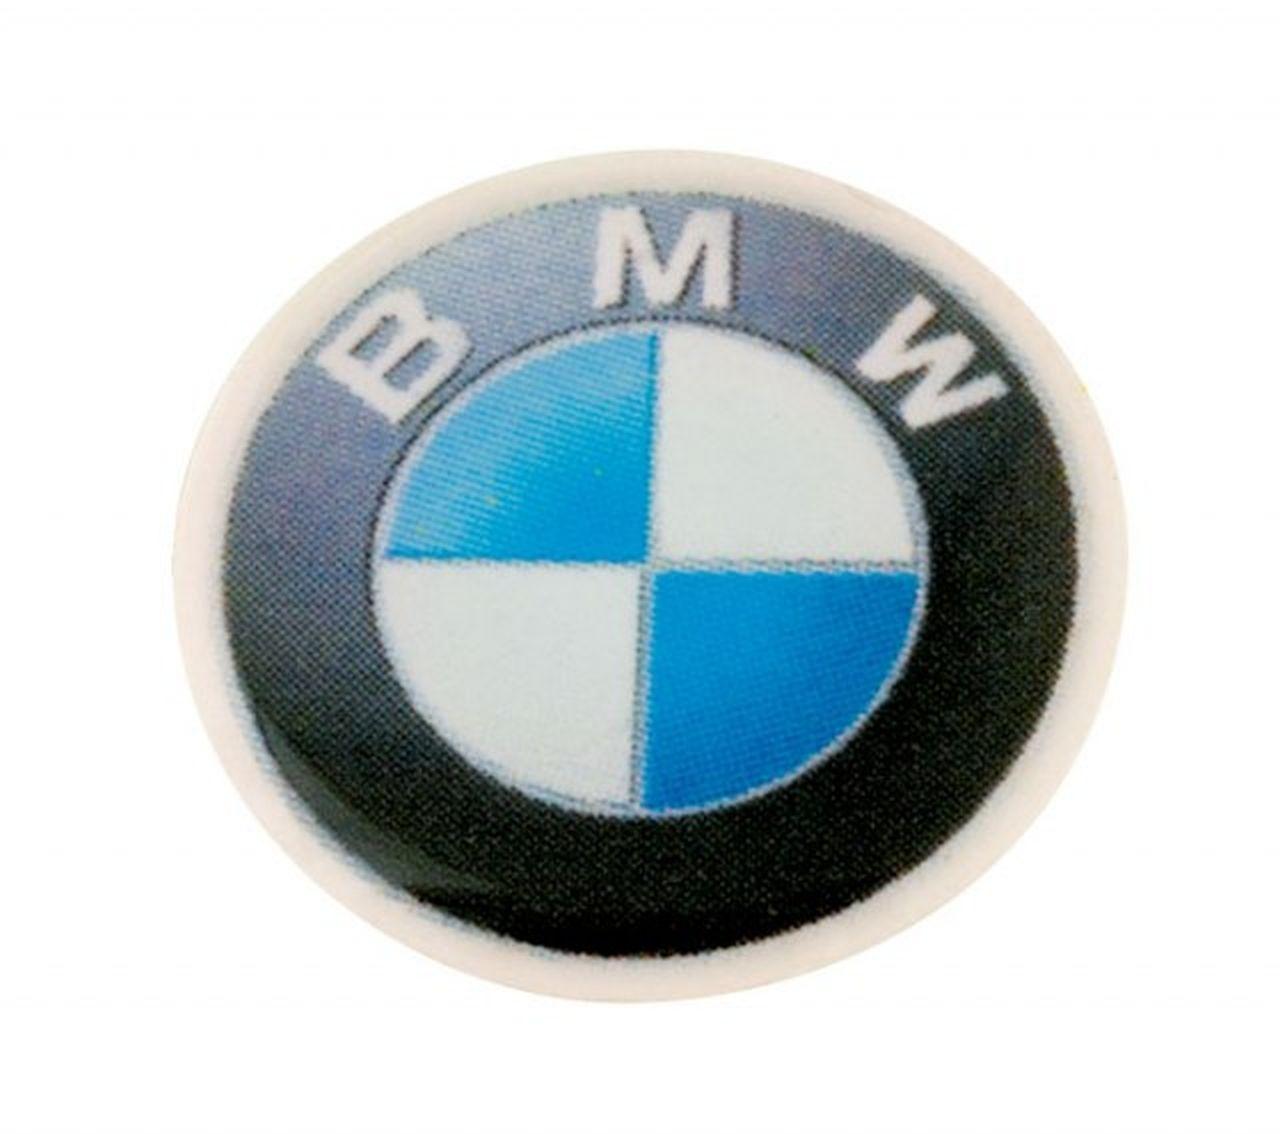 Bmw etichetta d=14mm